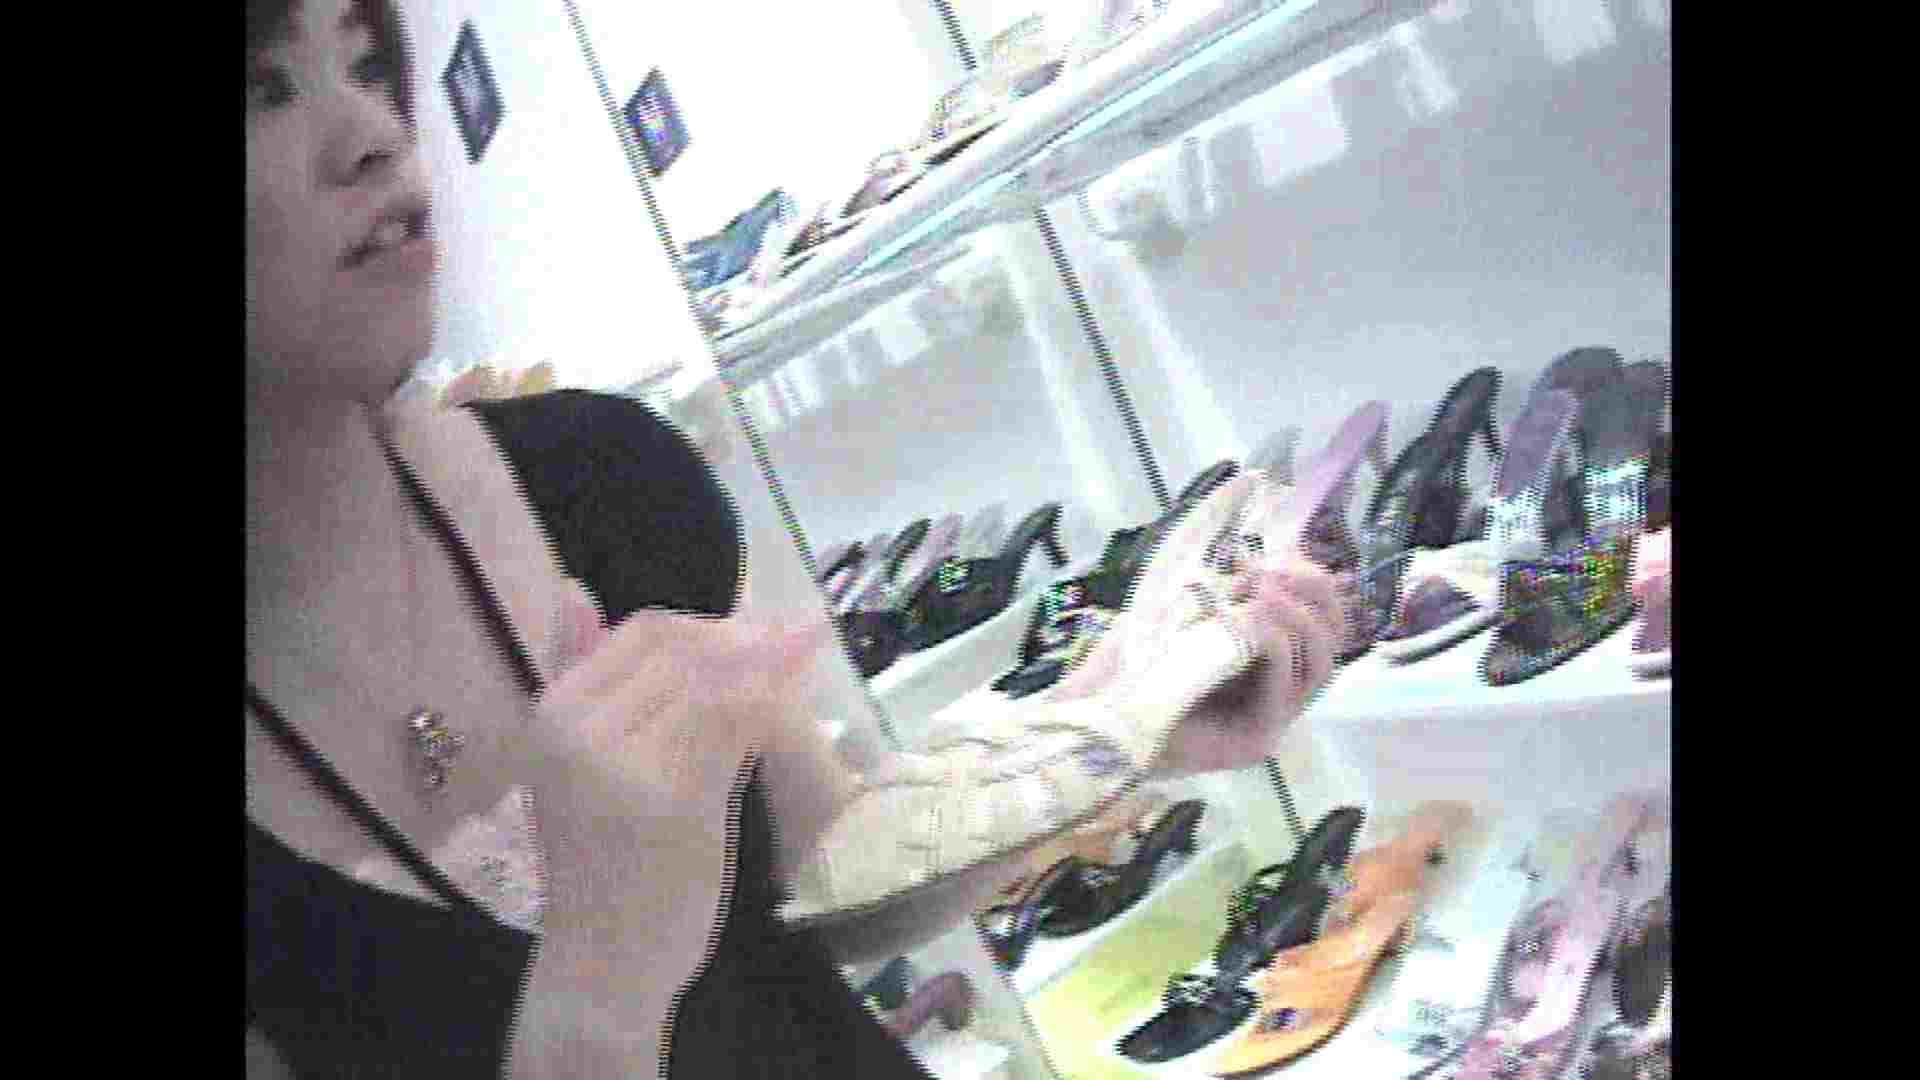 働く美女の谷間参拝 Vol.13 美女のヌード オマンコ無修正動画無料 82画像 3